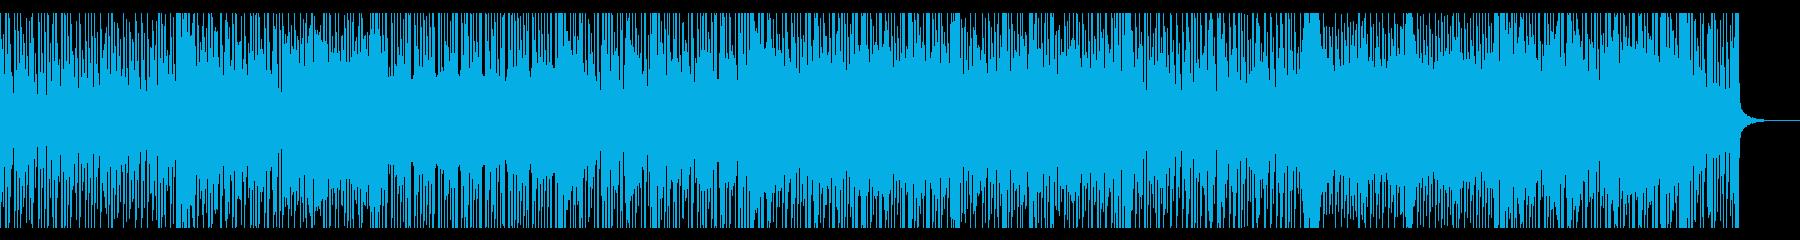 心が弾む、軽くなる曲の再生済みの波形